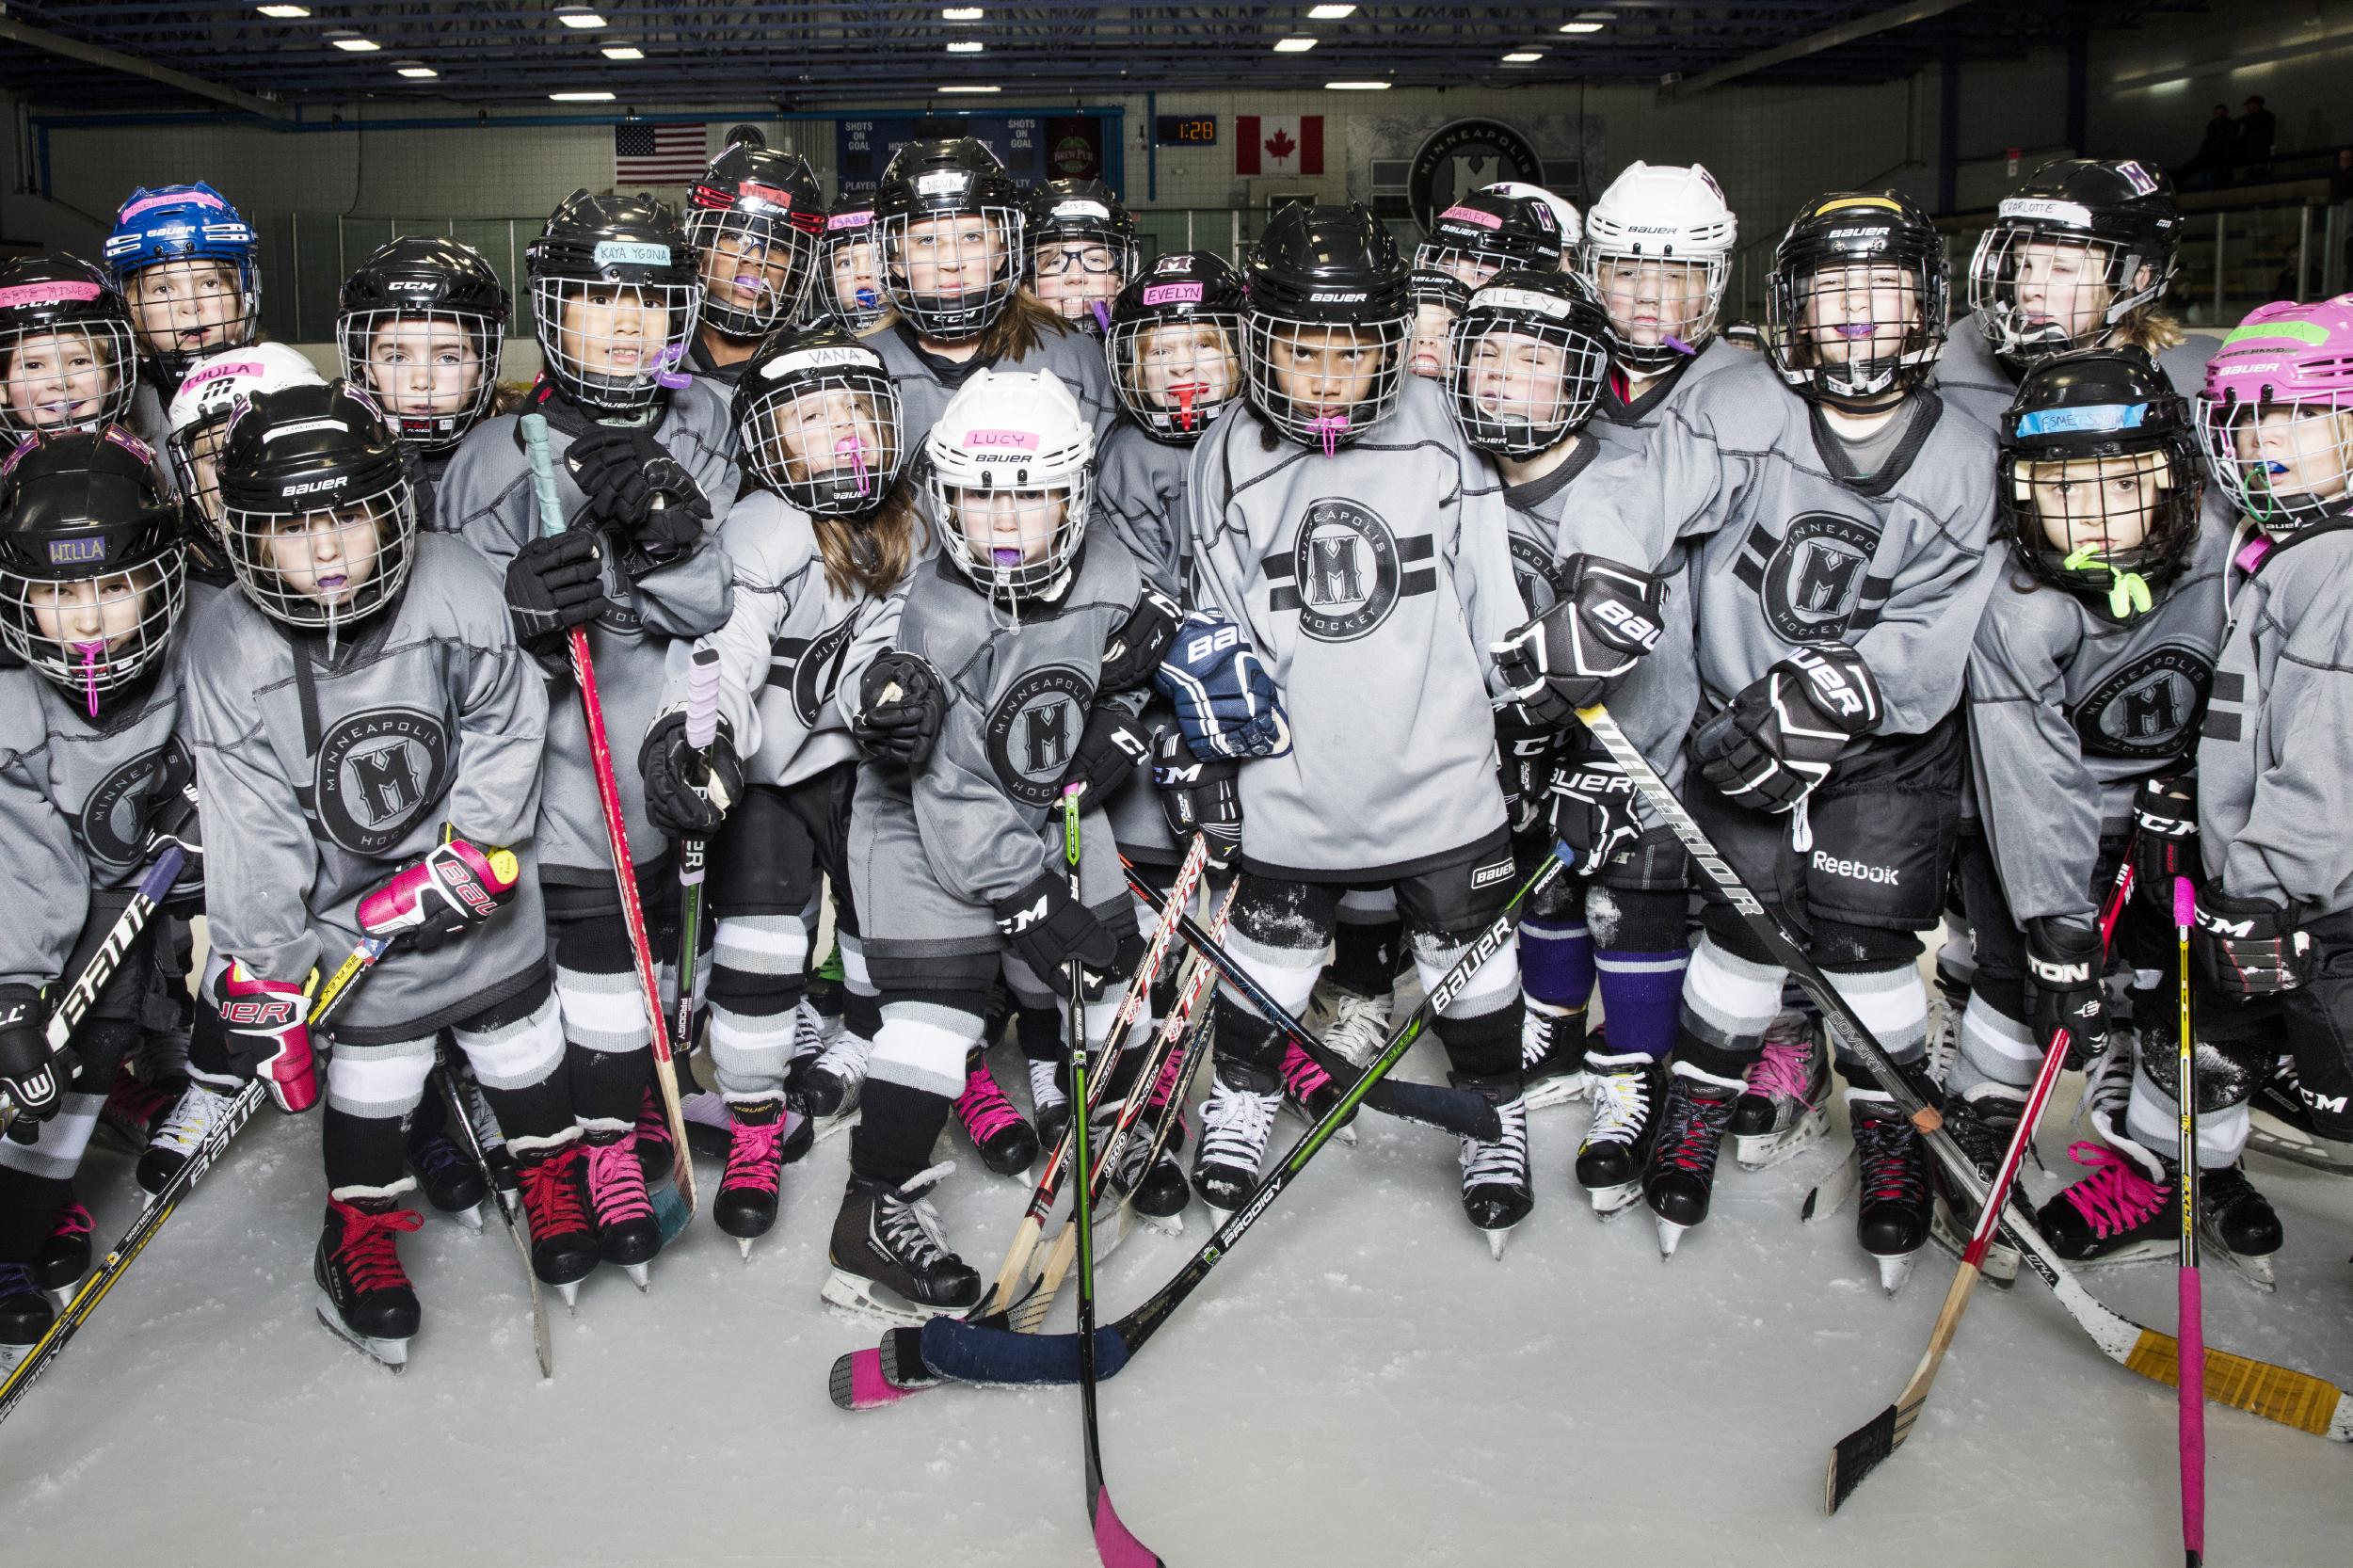 181117_MplsHockey_0421T.JPG